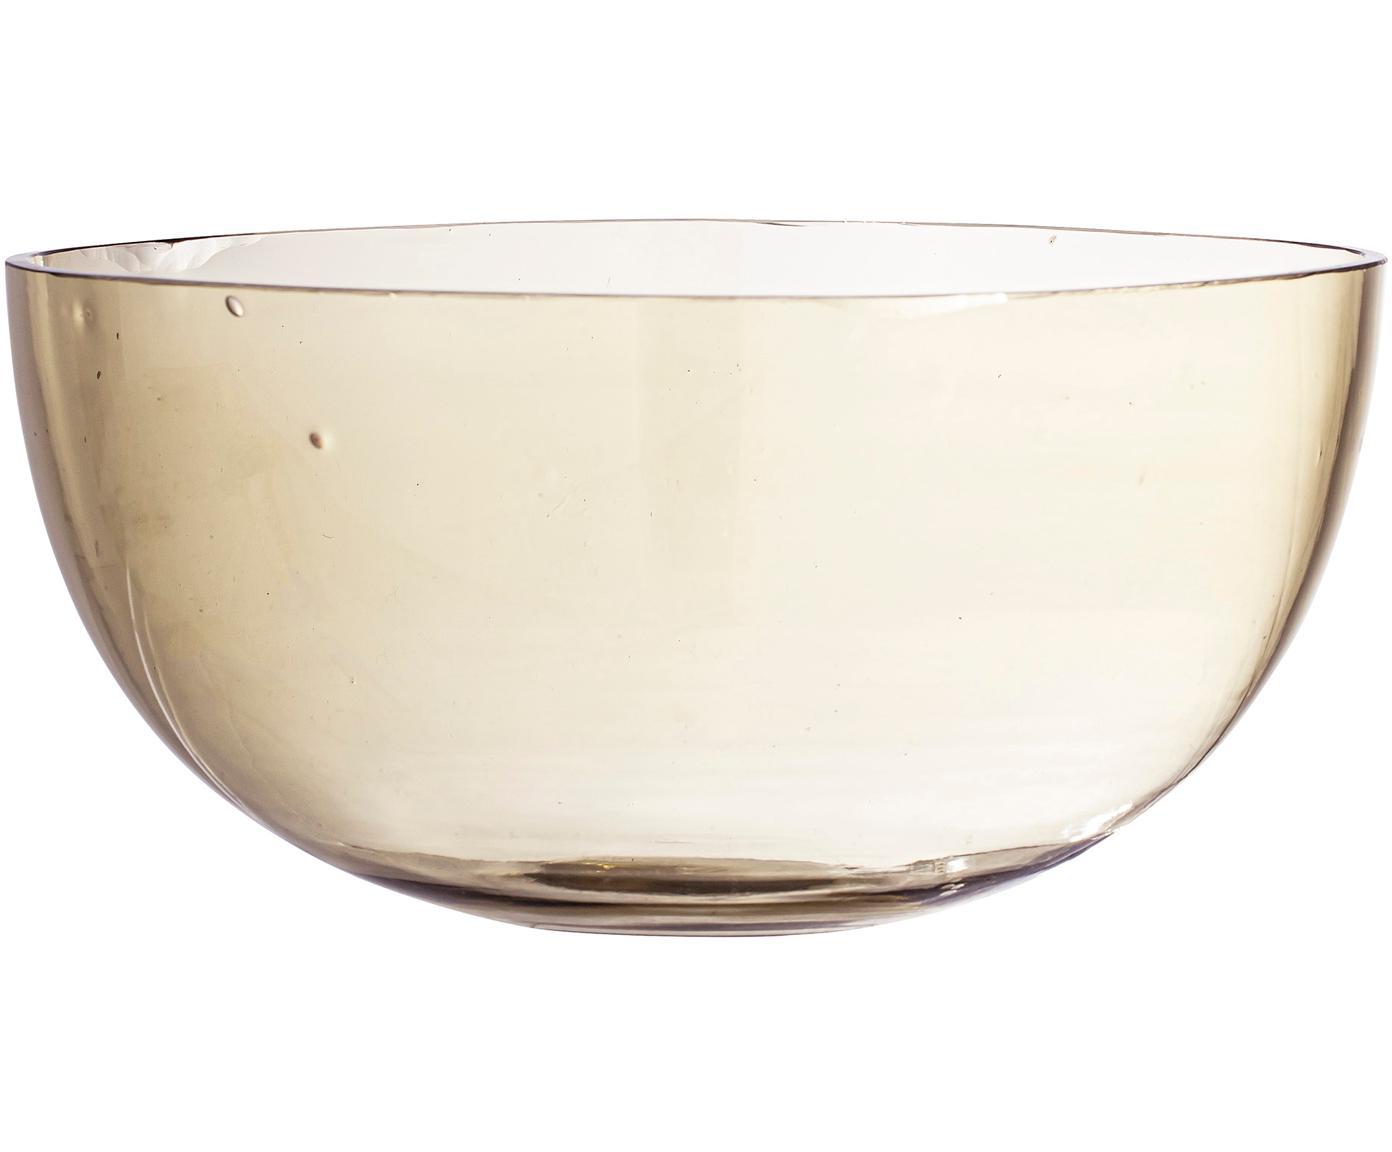 Kom Casie van gerecycled glas, Gerecycled glas, Bruin, transparant, Ø 22 x H 11 cm